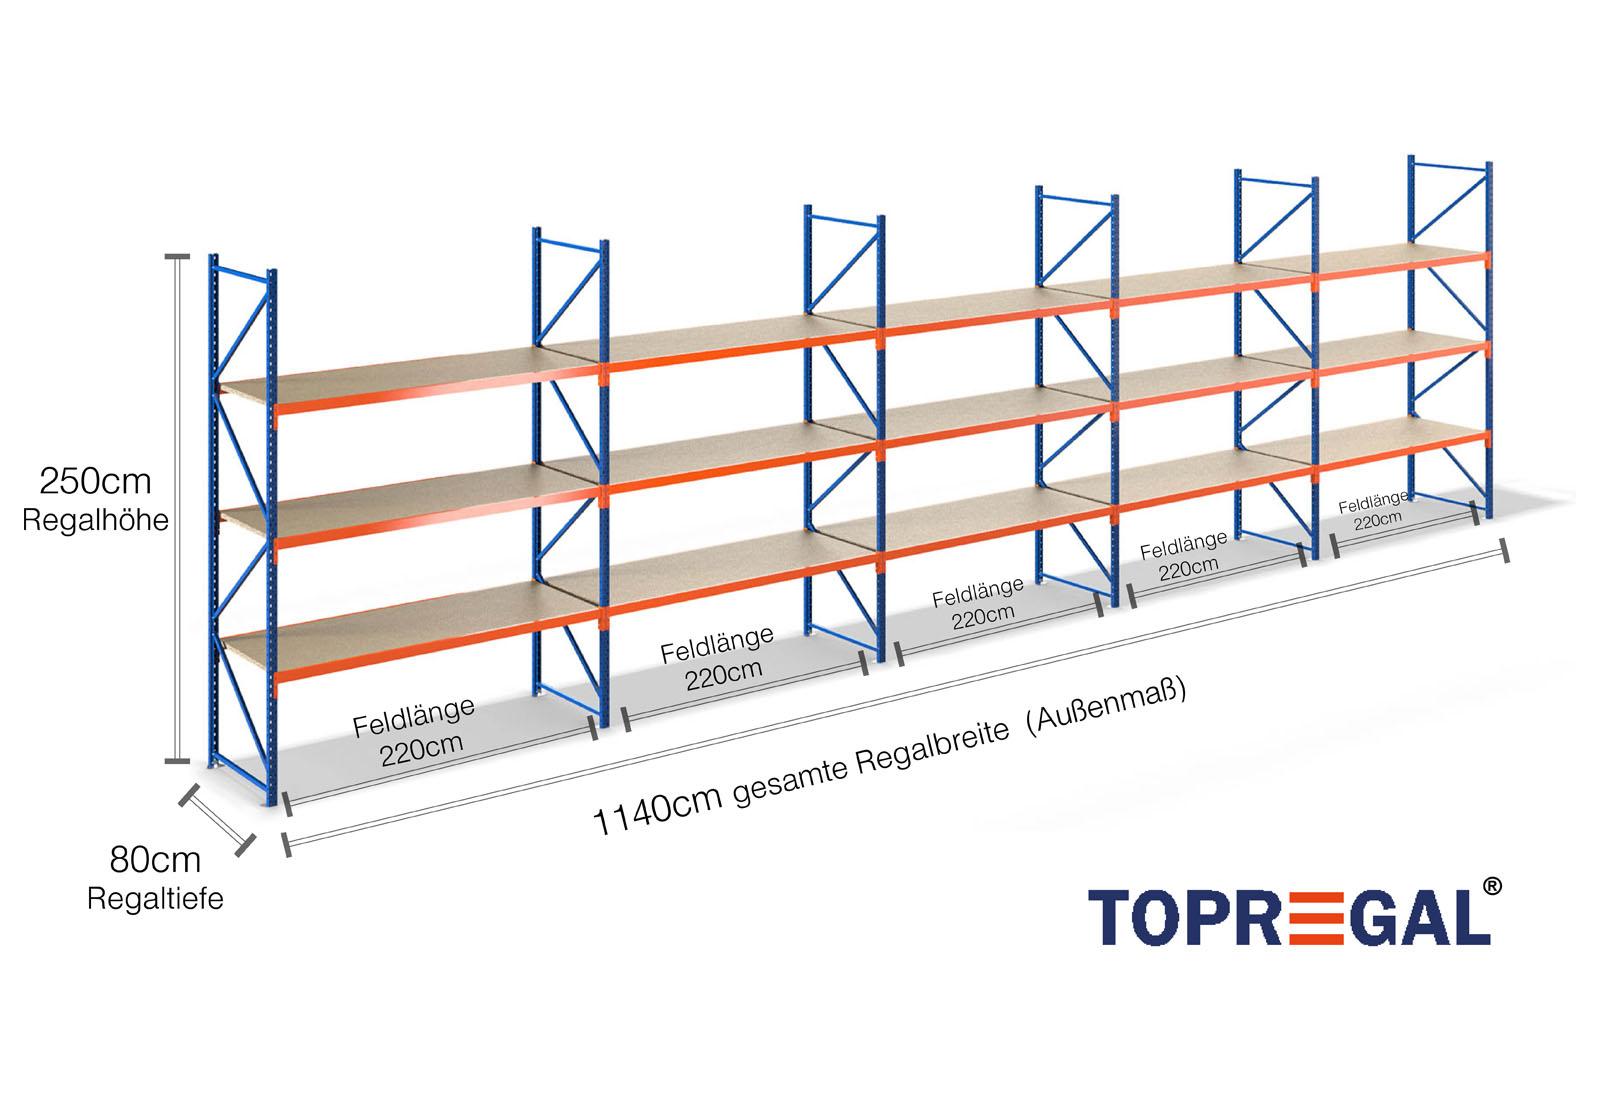 11 4m lagerregal 250cm hoch 80cm tief mit 3 ebenen inkl for Gartenteich 80 cm tief